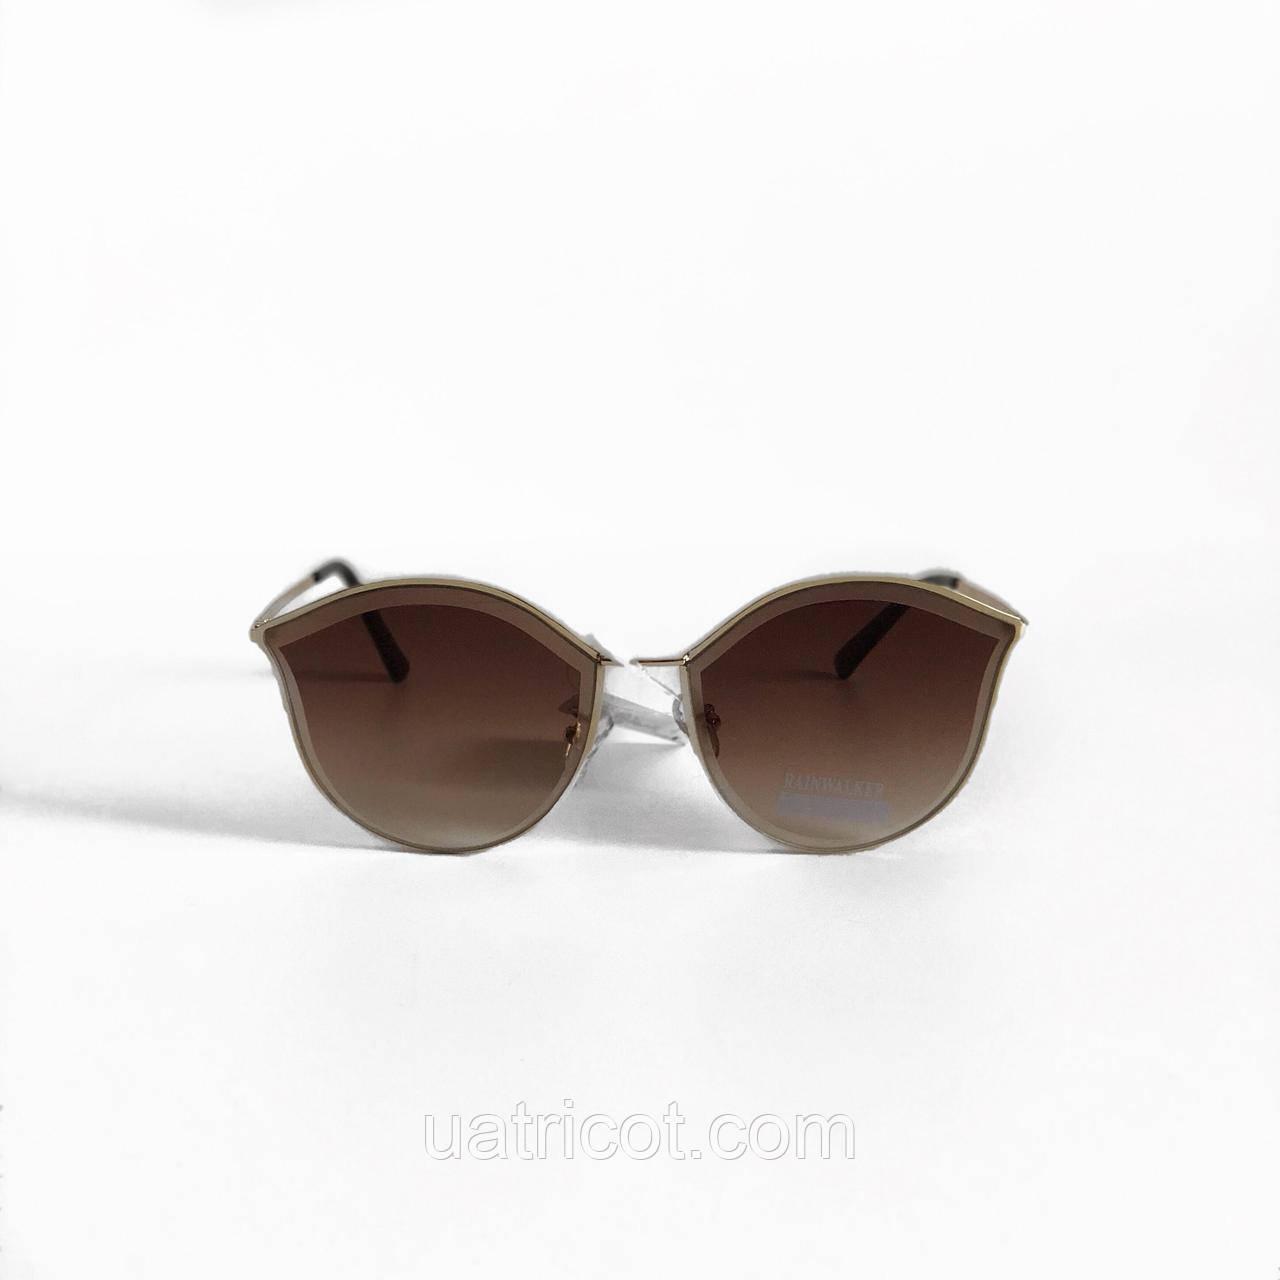 Женские солнцезащитные очки Rainwalker с коричневыми линзами